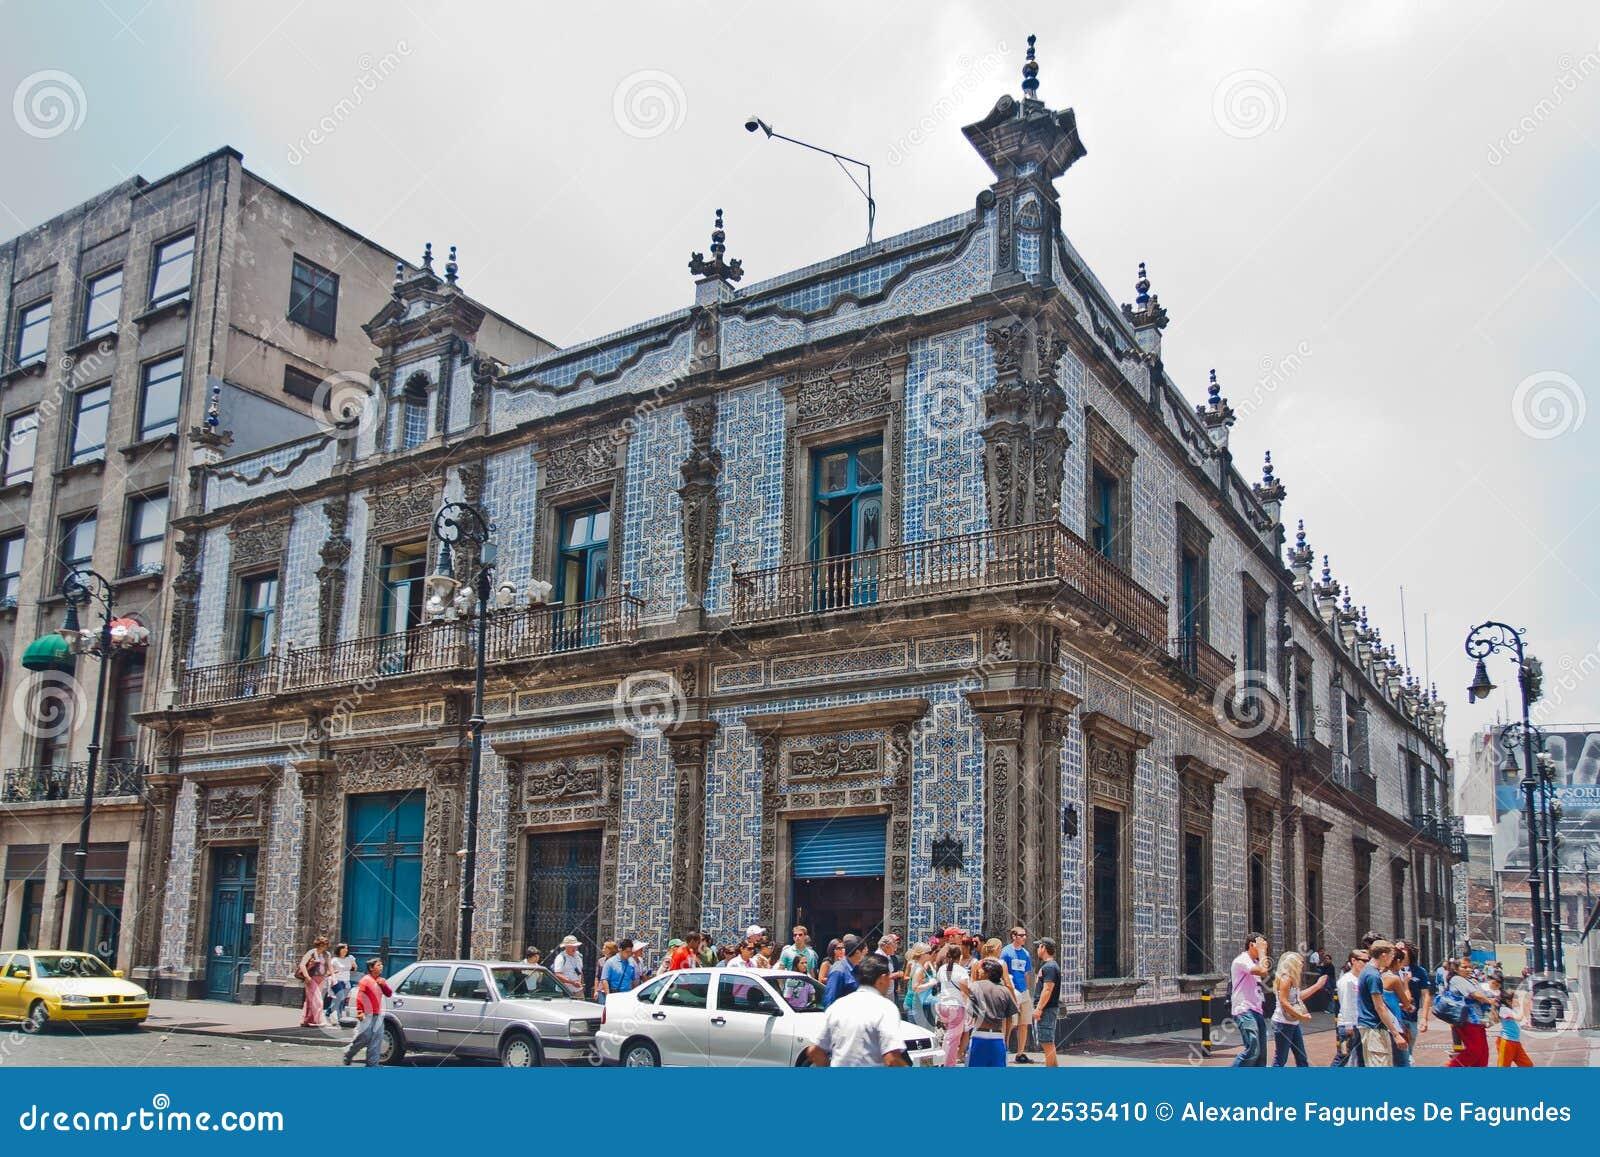 Casa de los azulejos mexico city editorial image image for Restaurant los azulejos df